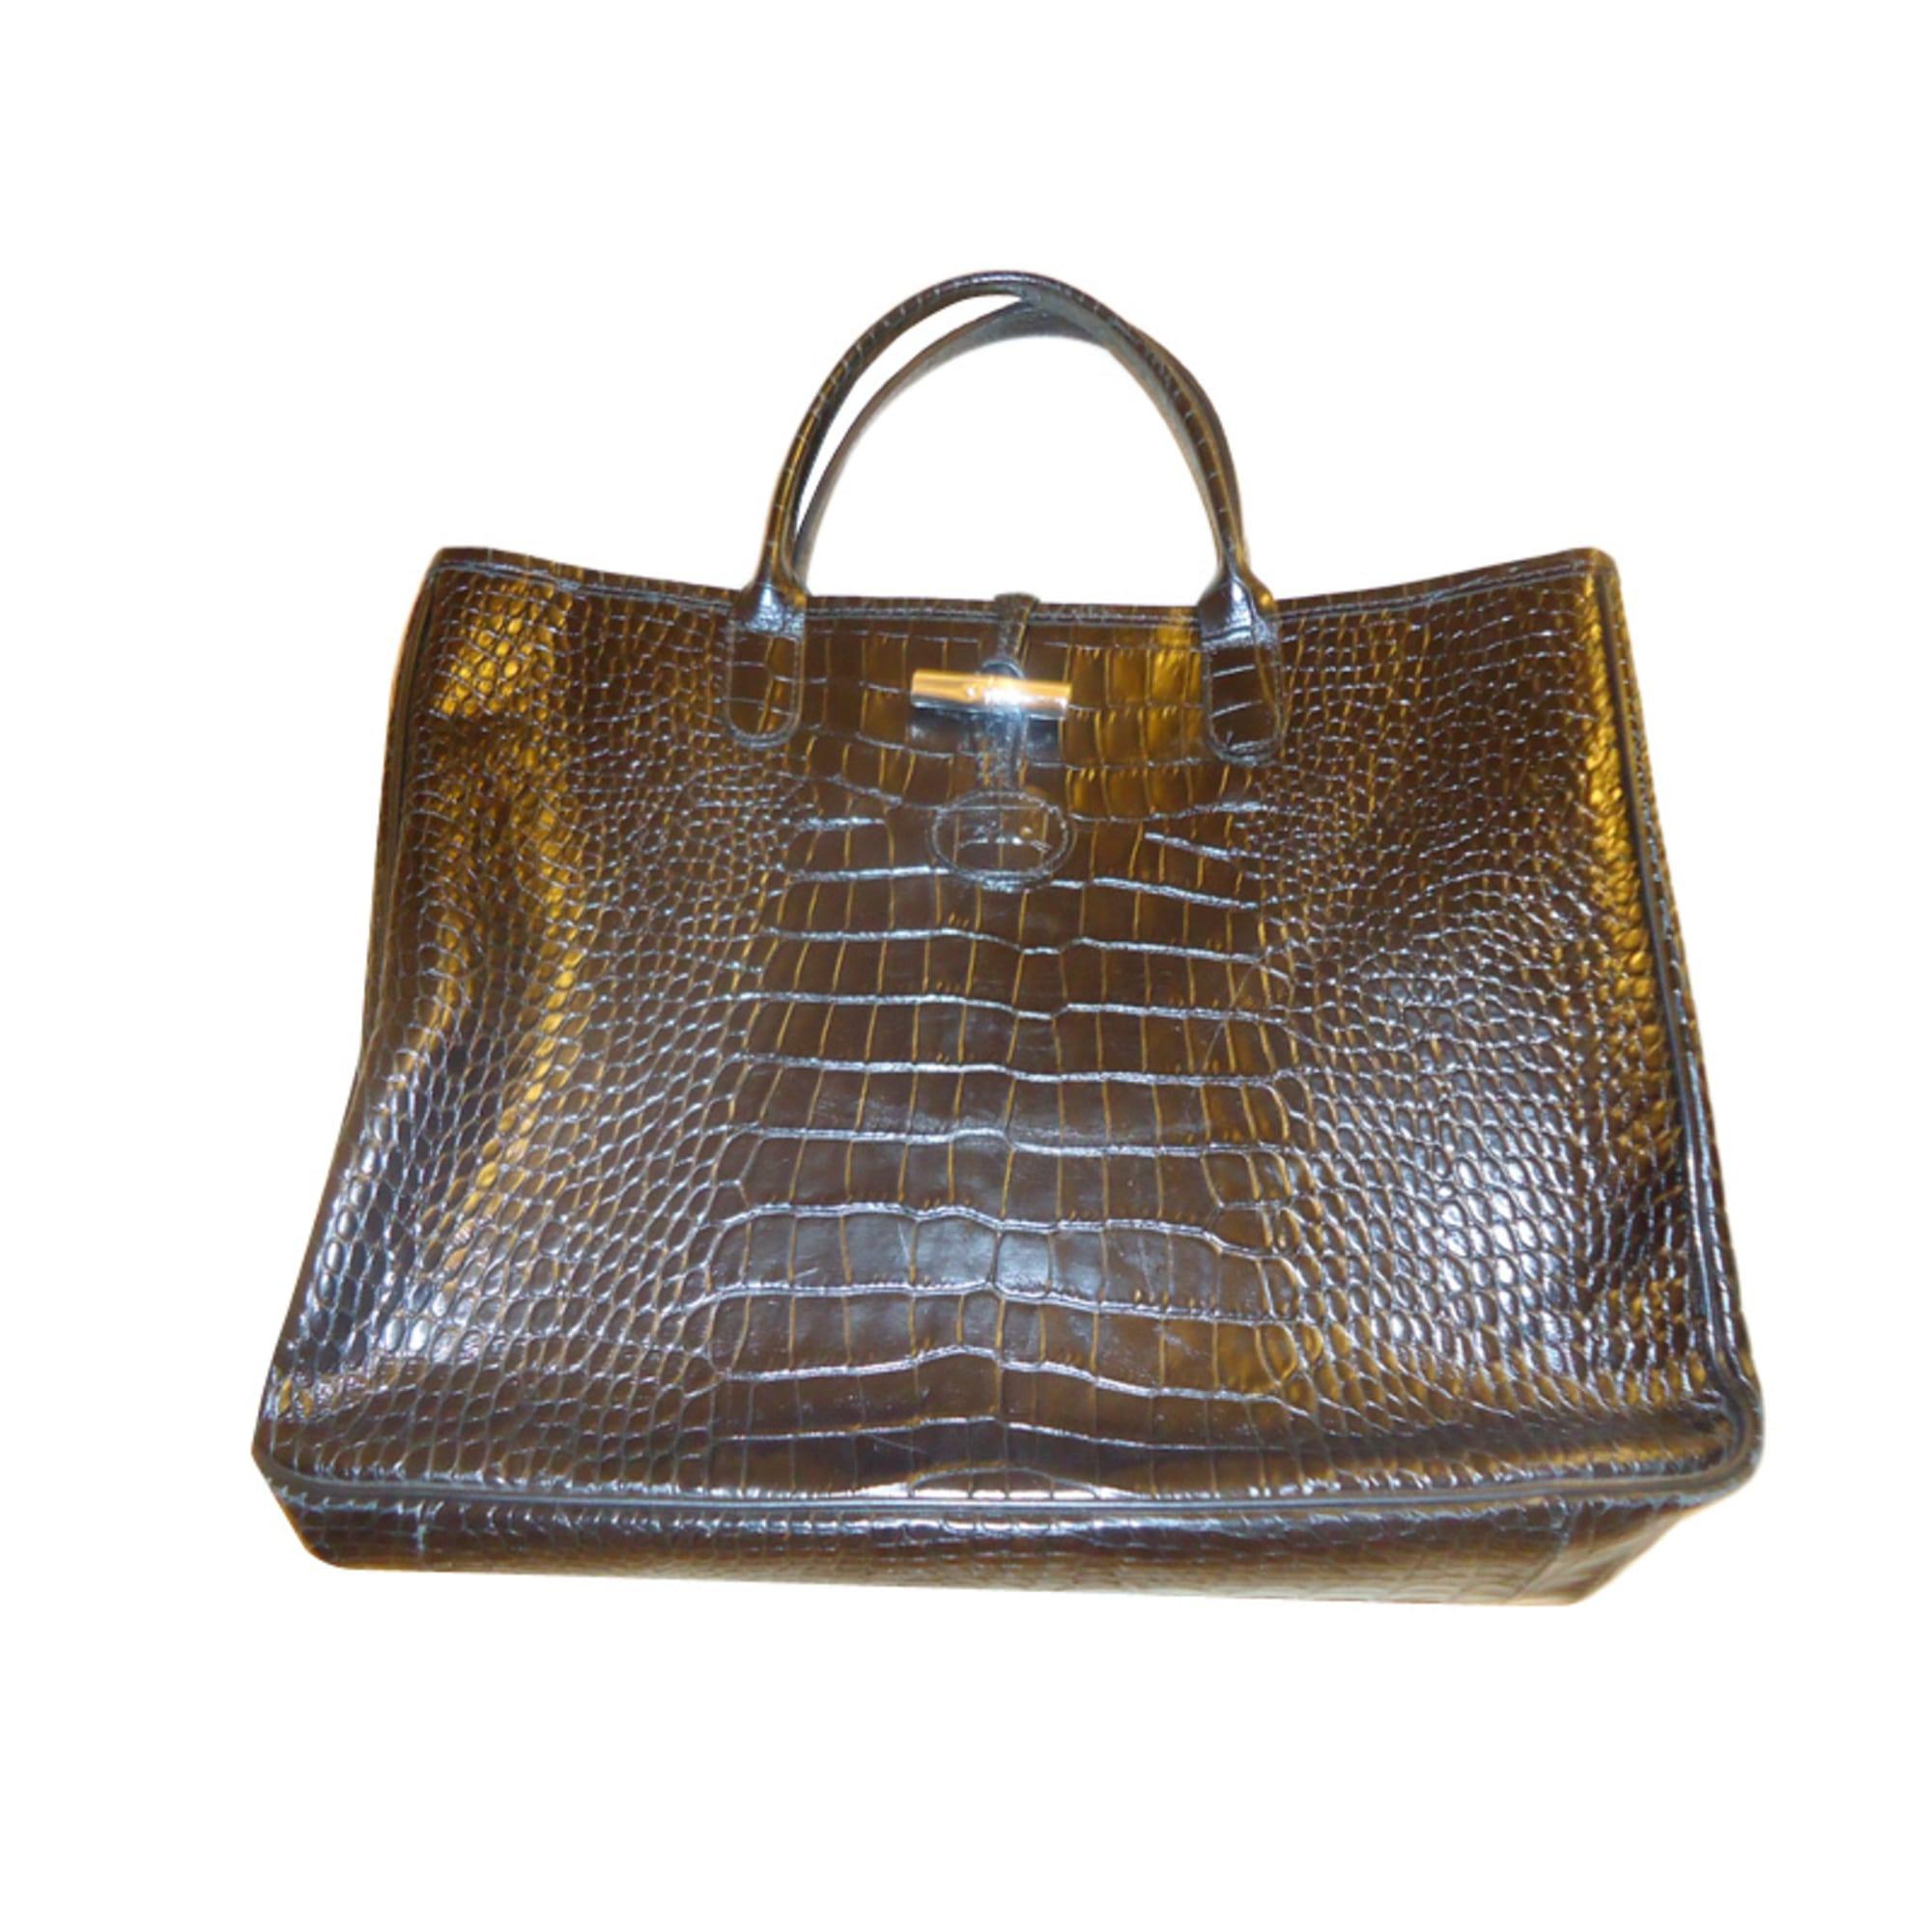 0557723723 Sac à main en cuir LONGCHAMP noir vendu par Claudine 13266425 - 1305743